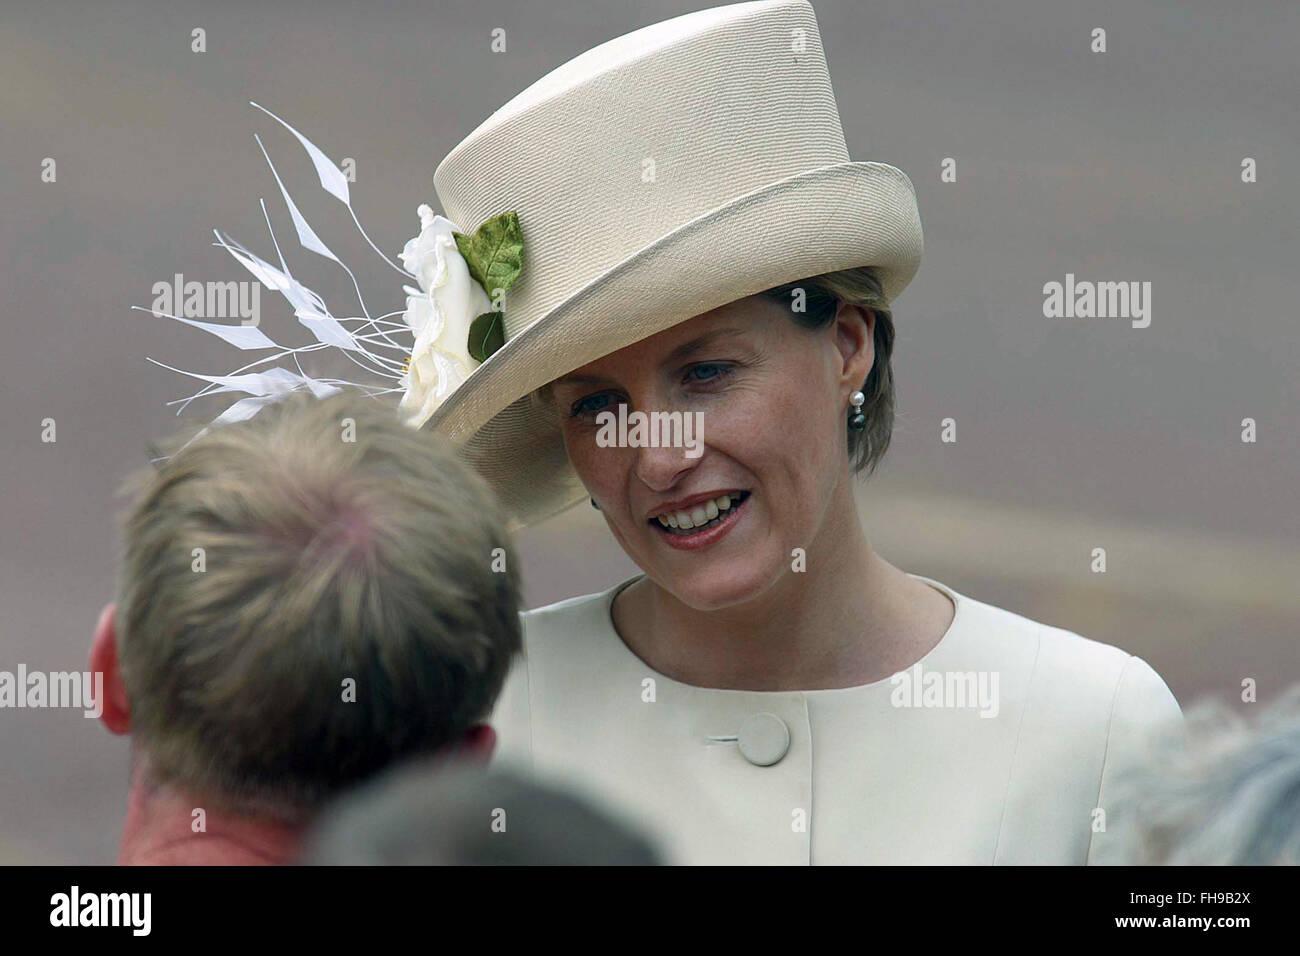 La Comtesse de Wessex salue des sympathisants à la foule dans le centre commercial avant un concours spécial marquant la reine Elizabeth II, Jubilé d'or qui a eu lieu à l'extérieur de Buckingham Palace. Célébrations ont eu lieu dans tout le Royaume-Uni avec l'élément central d'un défilé et feu d'artifice au palais de Buckingham, la reine résidence Londres. La reine Elizabeth monta sur le trône britannique en 1952 à la mort de son père, le Roi George VI. Banque D'Images